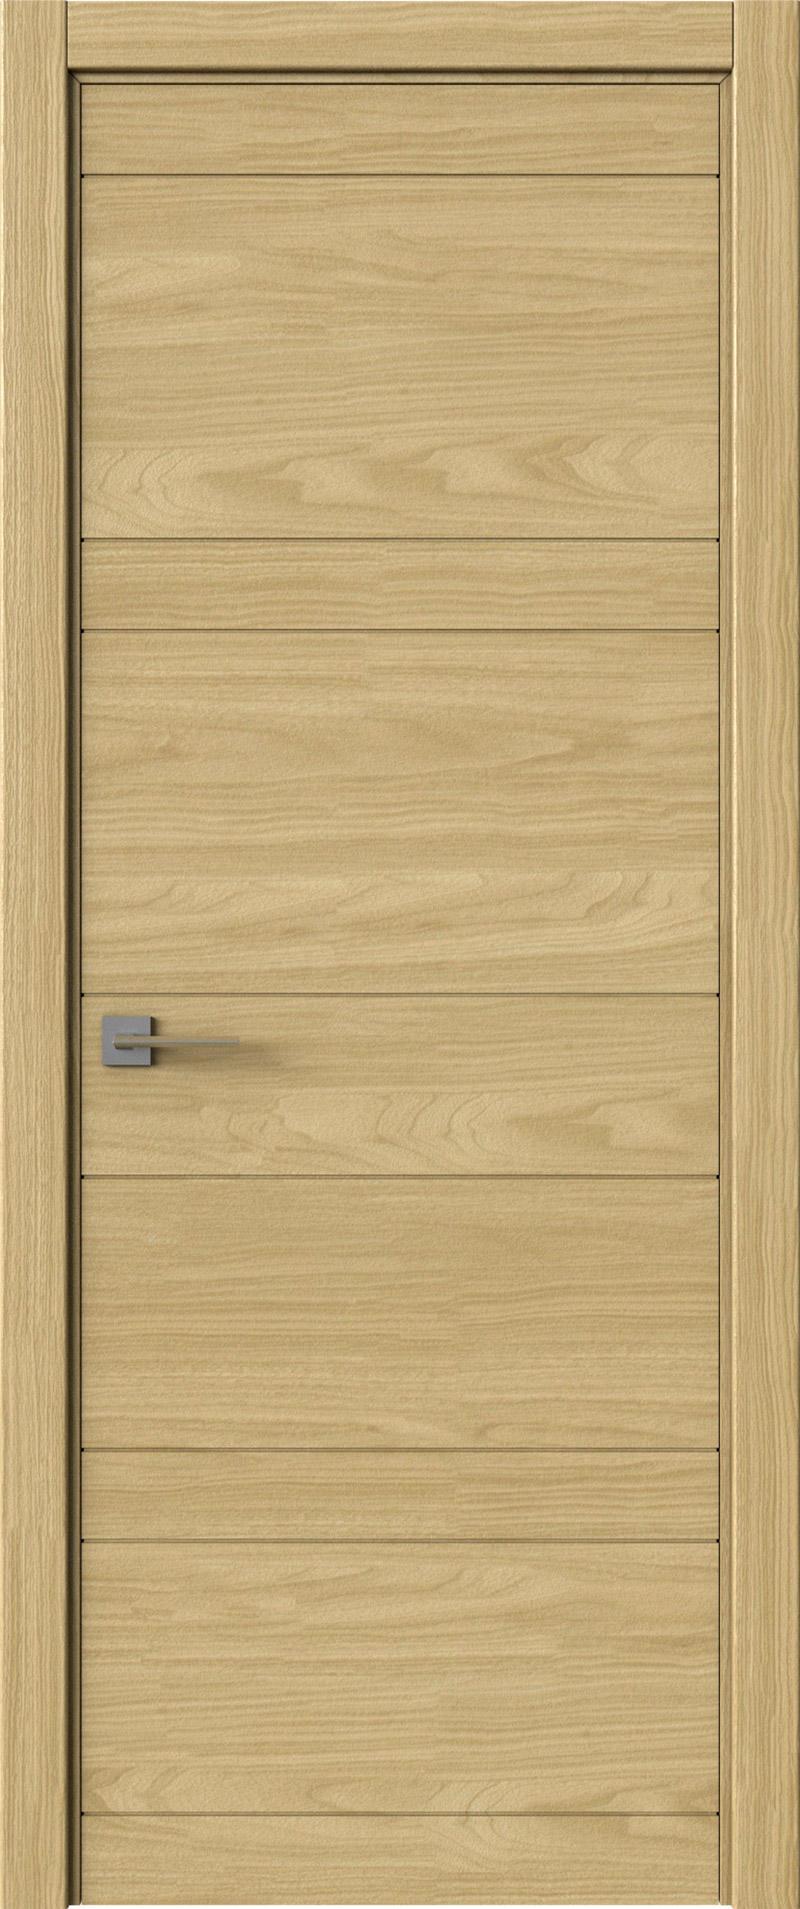 Tivoli Е-2 цвет - Дуб нордик Без стекла (ДГ)